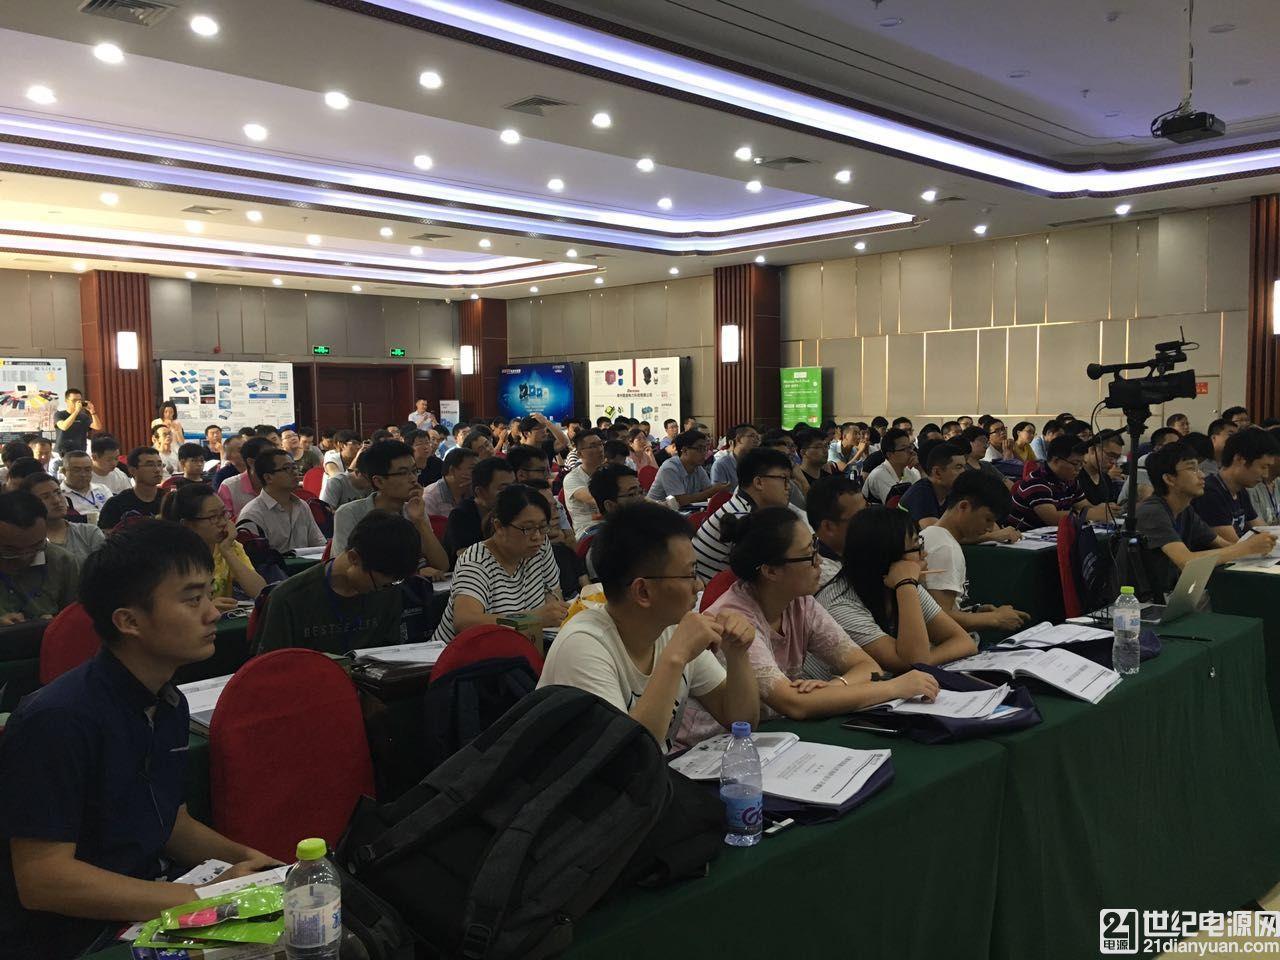 http://cdn12.21dianyuan.com/attachment/forum/201708/08/173125wng30jjg6v0gawo0.jpg.thumb.jpg